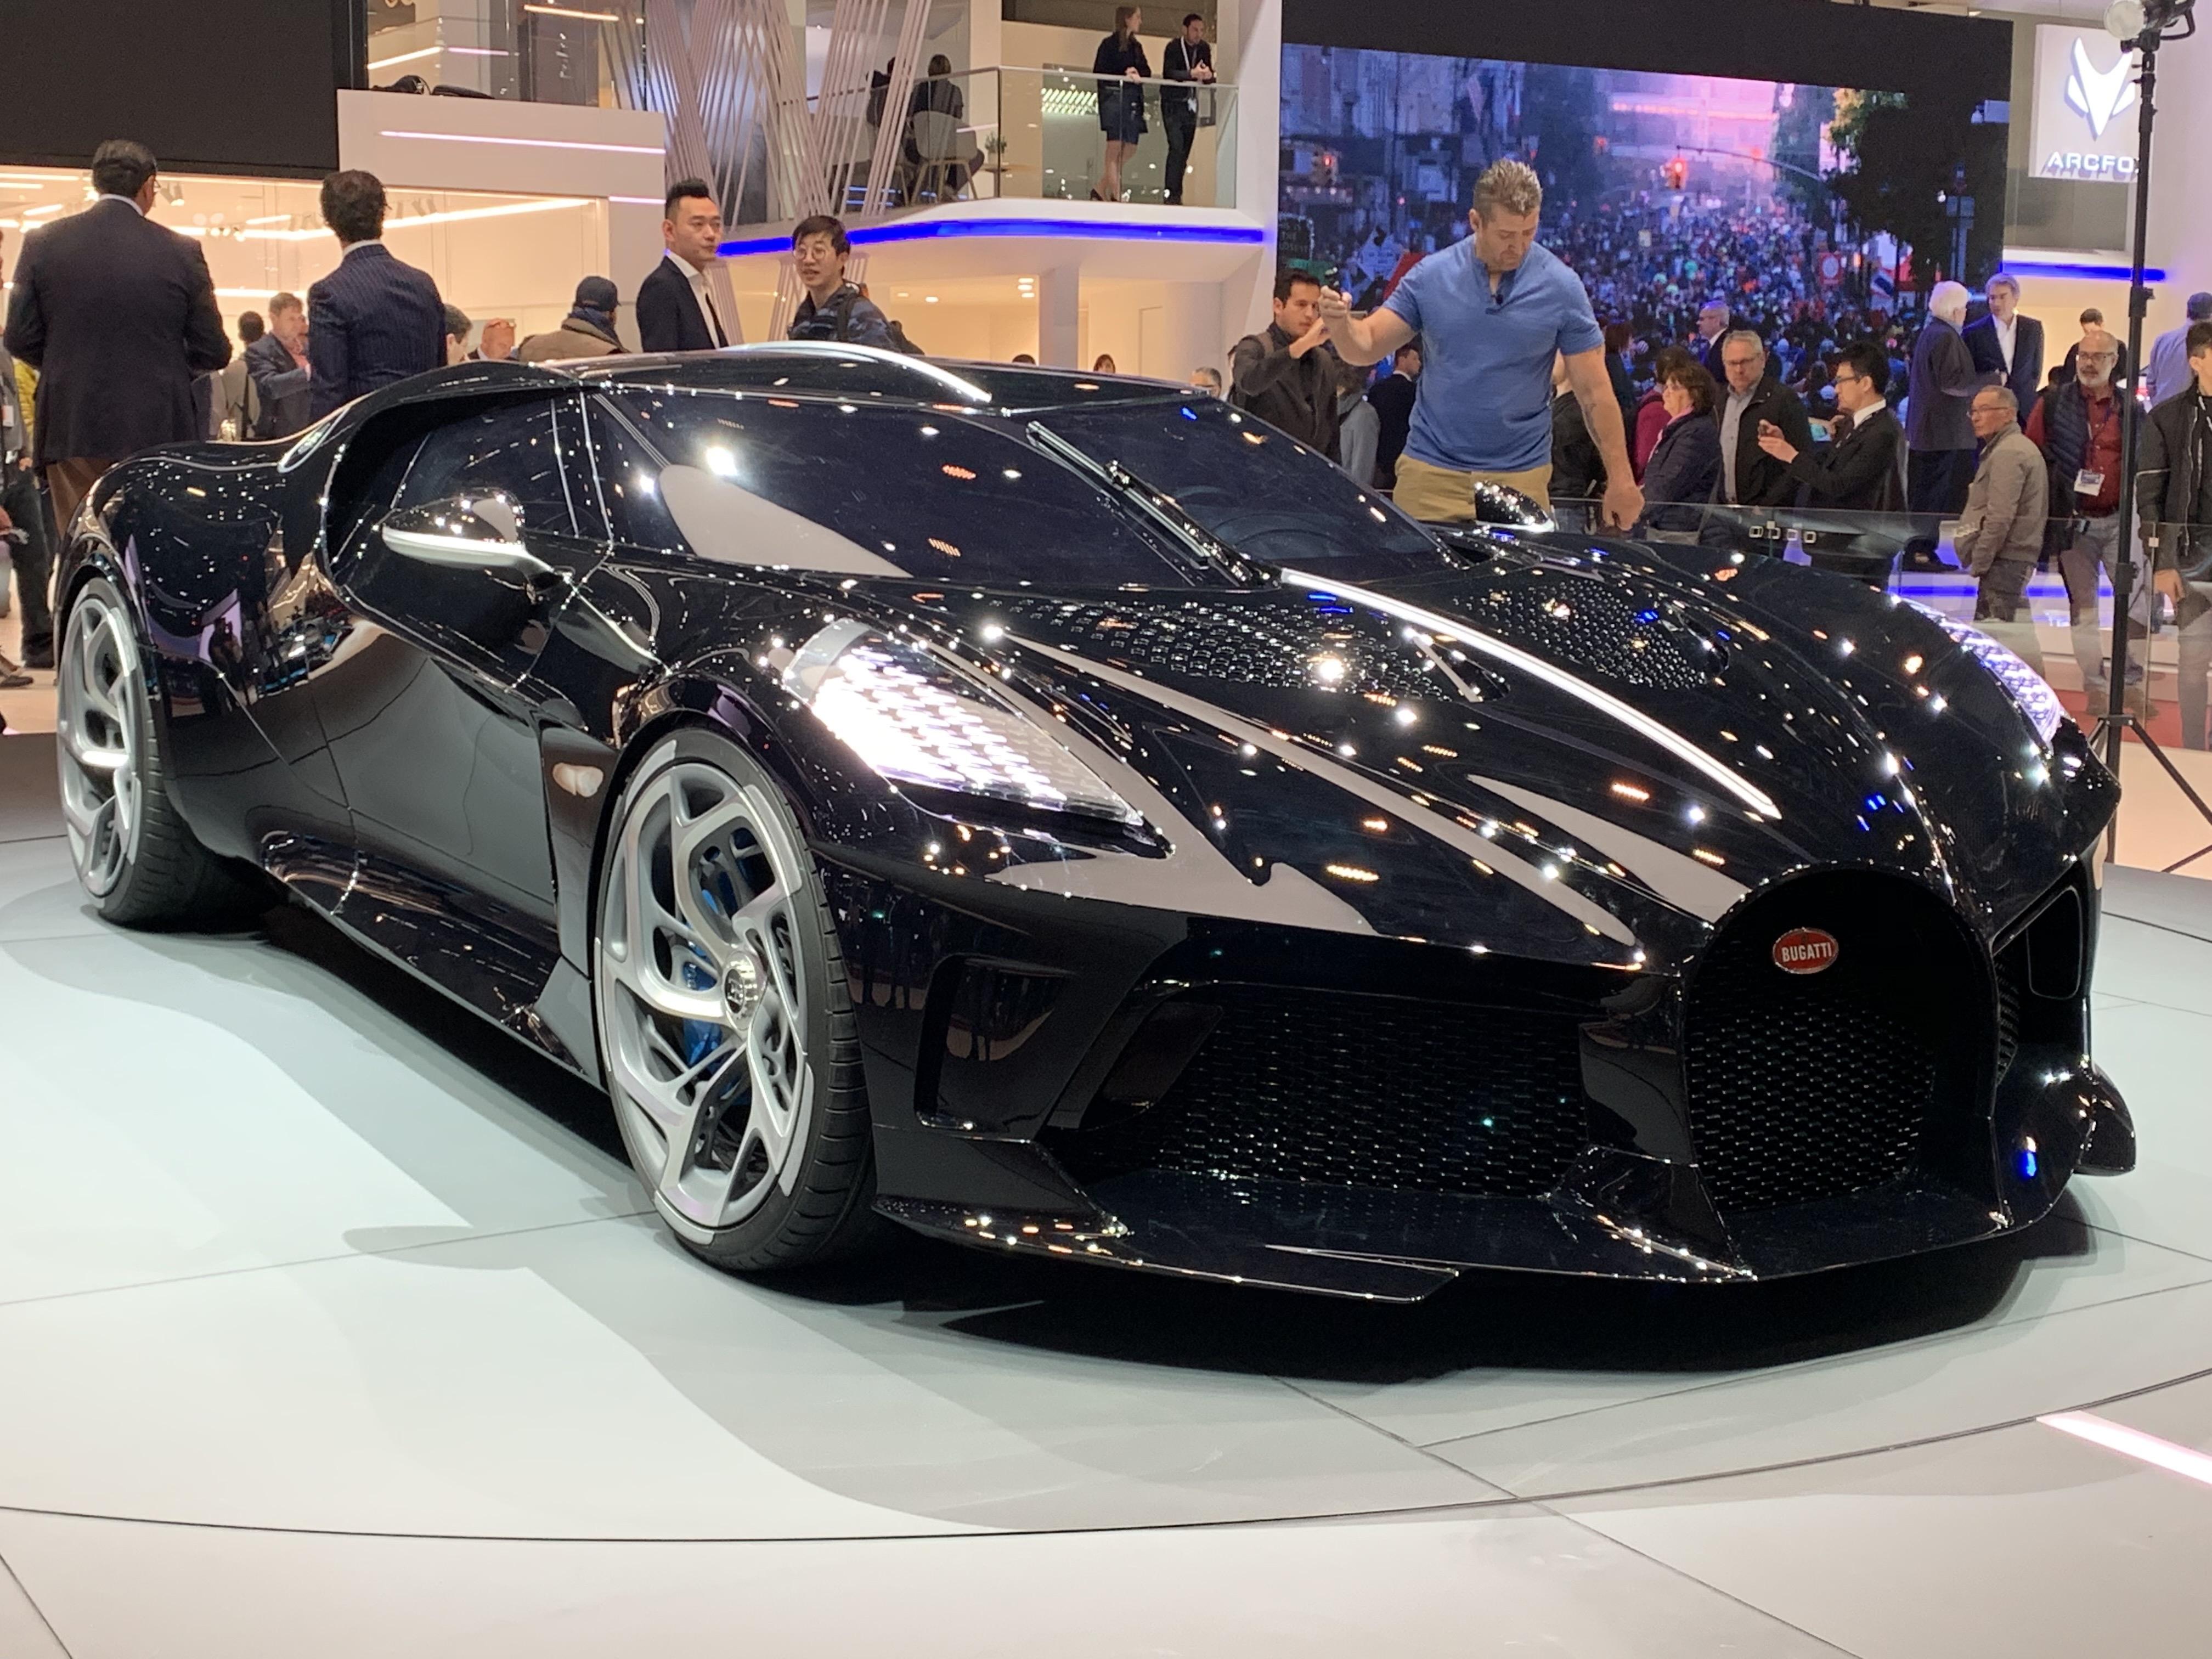 bugatti la voiture noire   interview de son designer   u00c9tienne salom u00e9